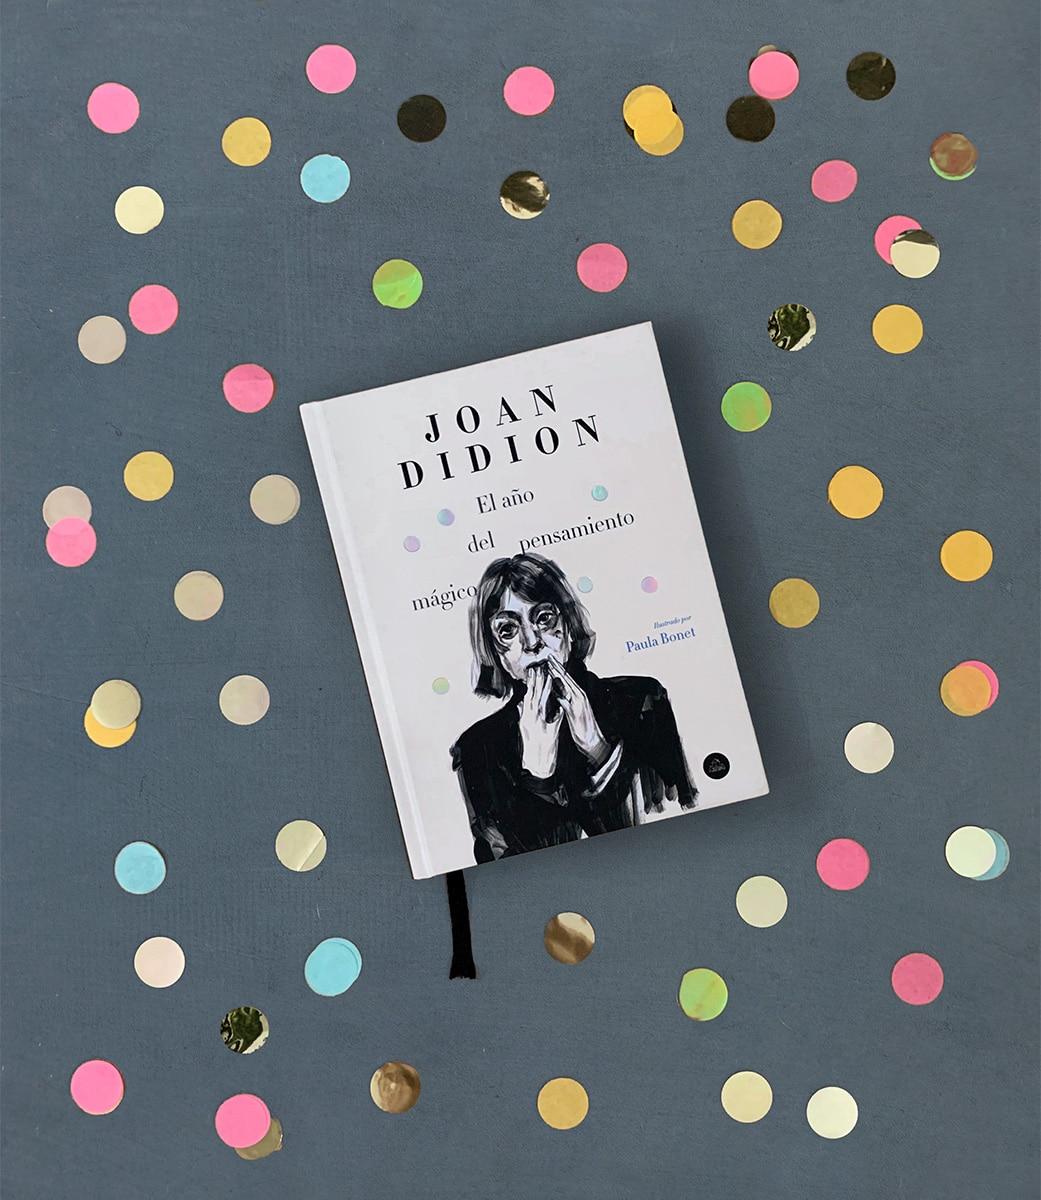 Reseña: El año del pensamiento mágico. Joan Didion